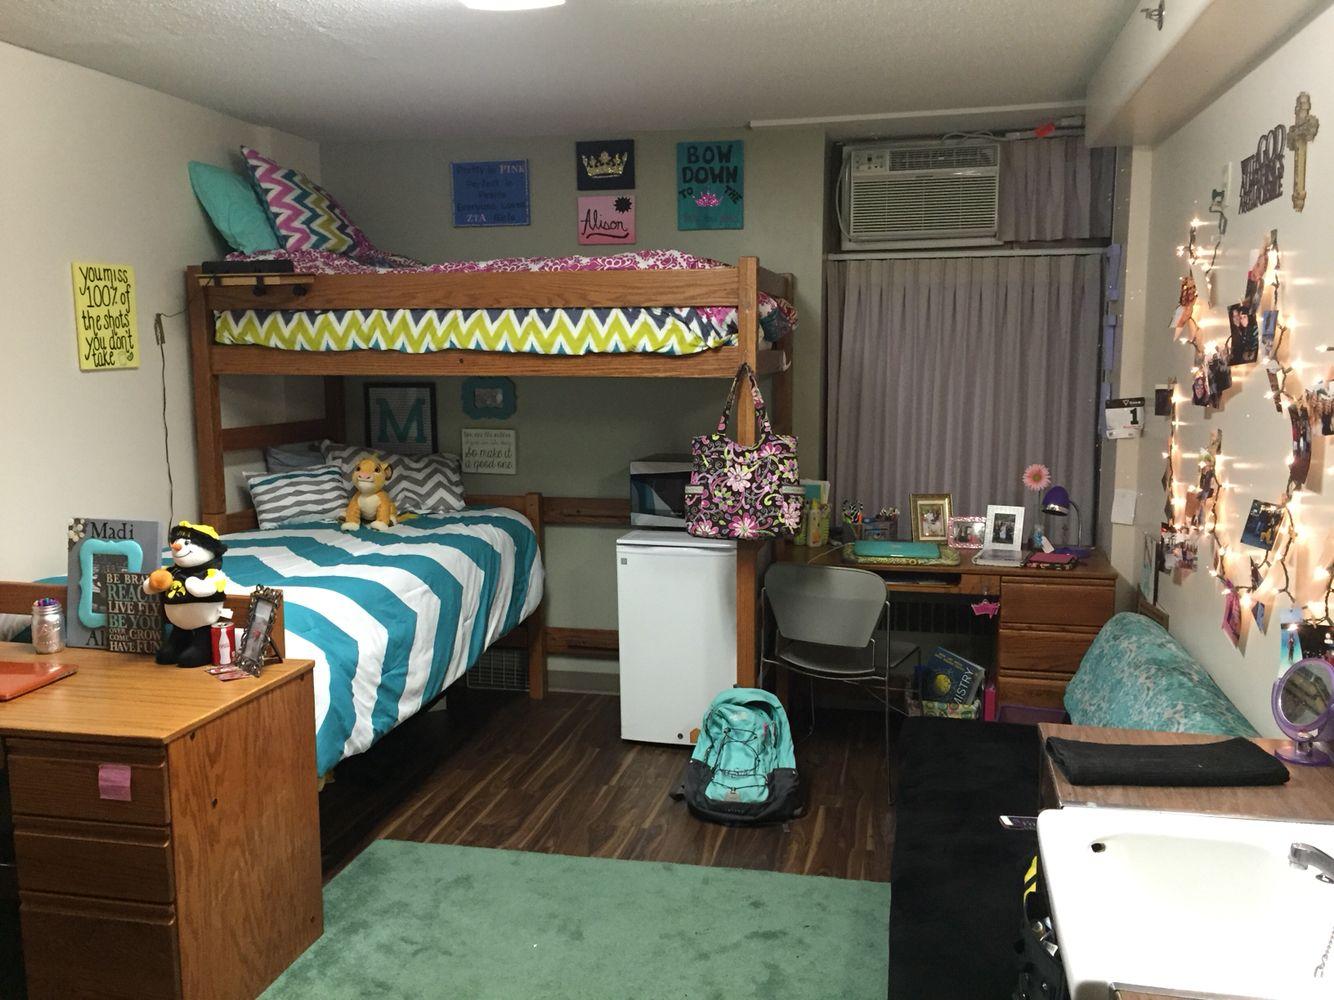 Dorm; University of Iowa College & Dorm Room Pinterest